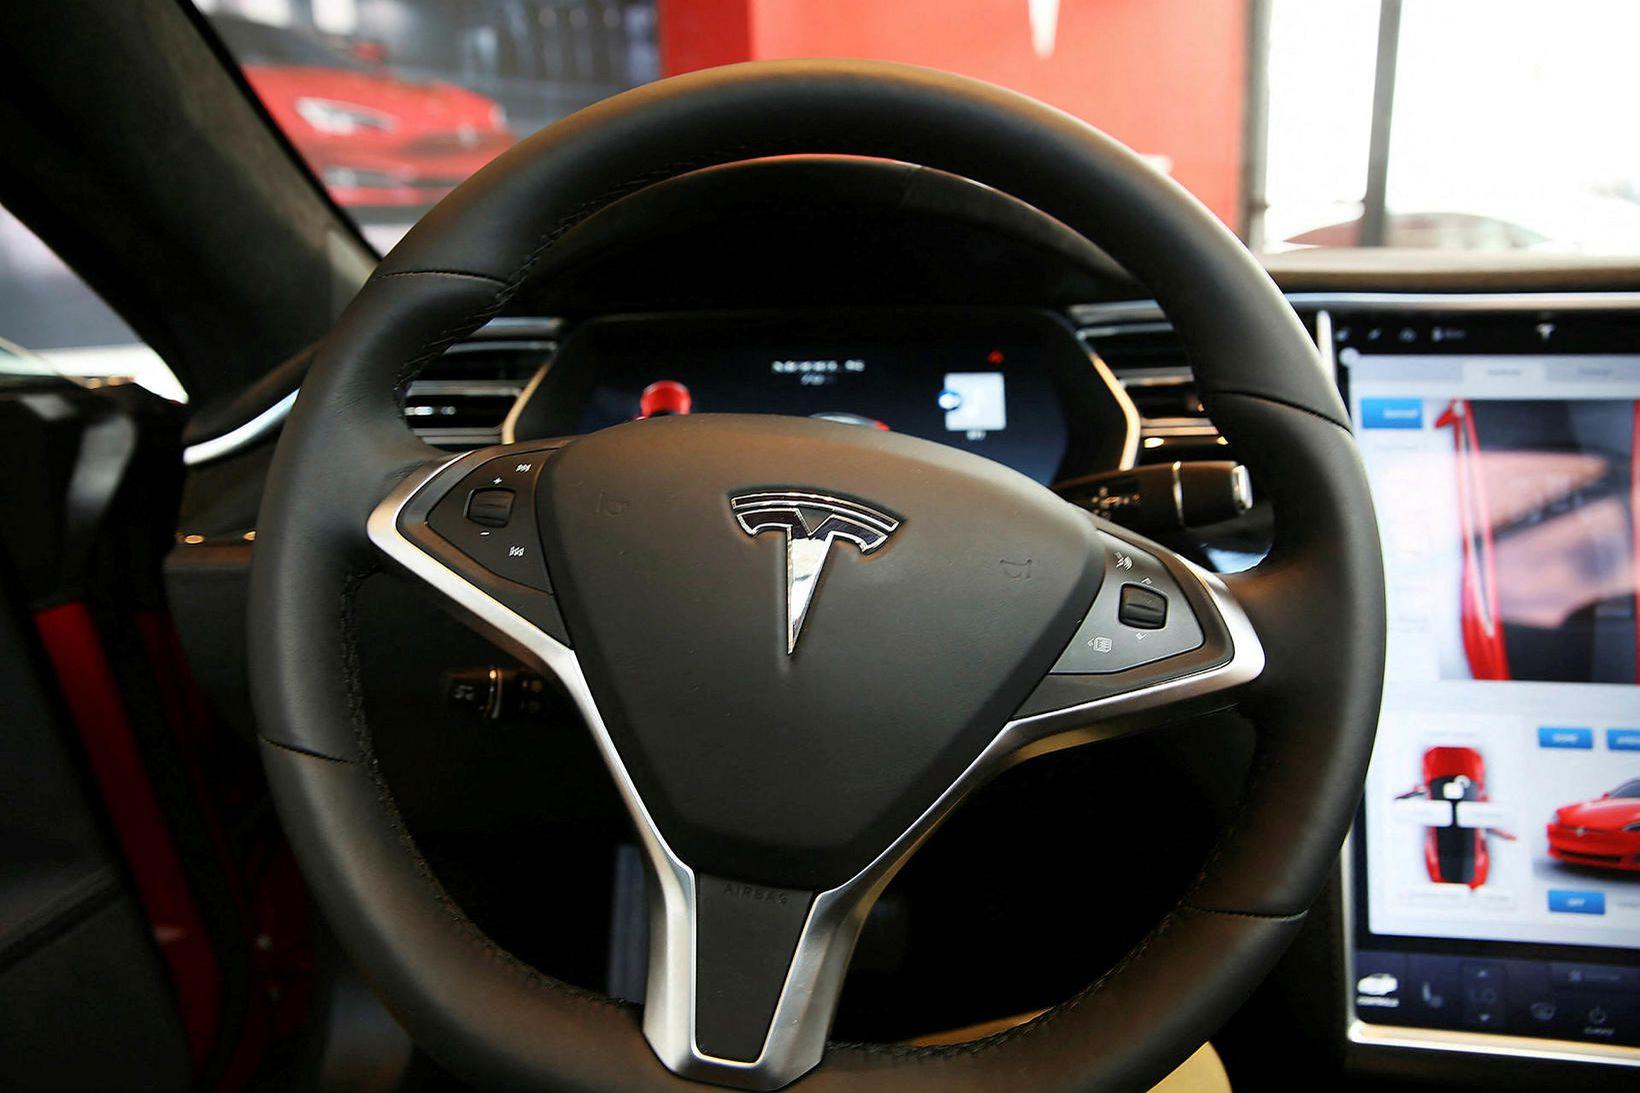 Árið 2019 voru 858 Tesla Model 3-bifreiðar nýskráðar á Íslandi. …